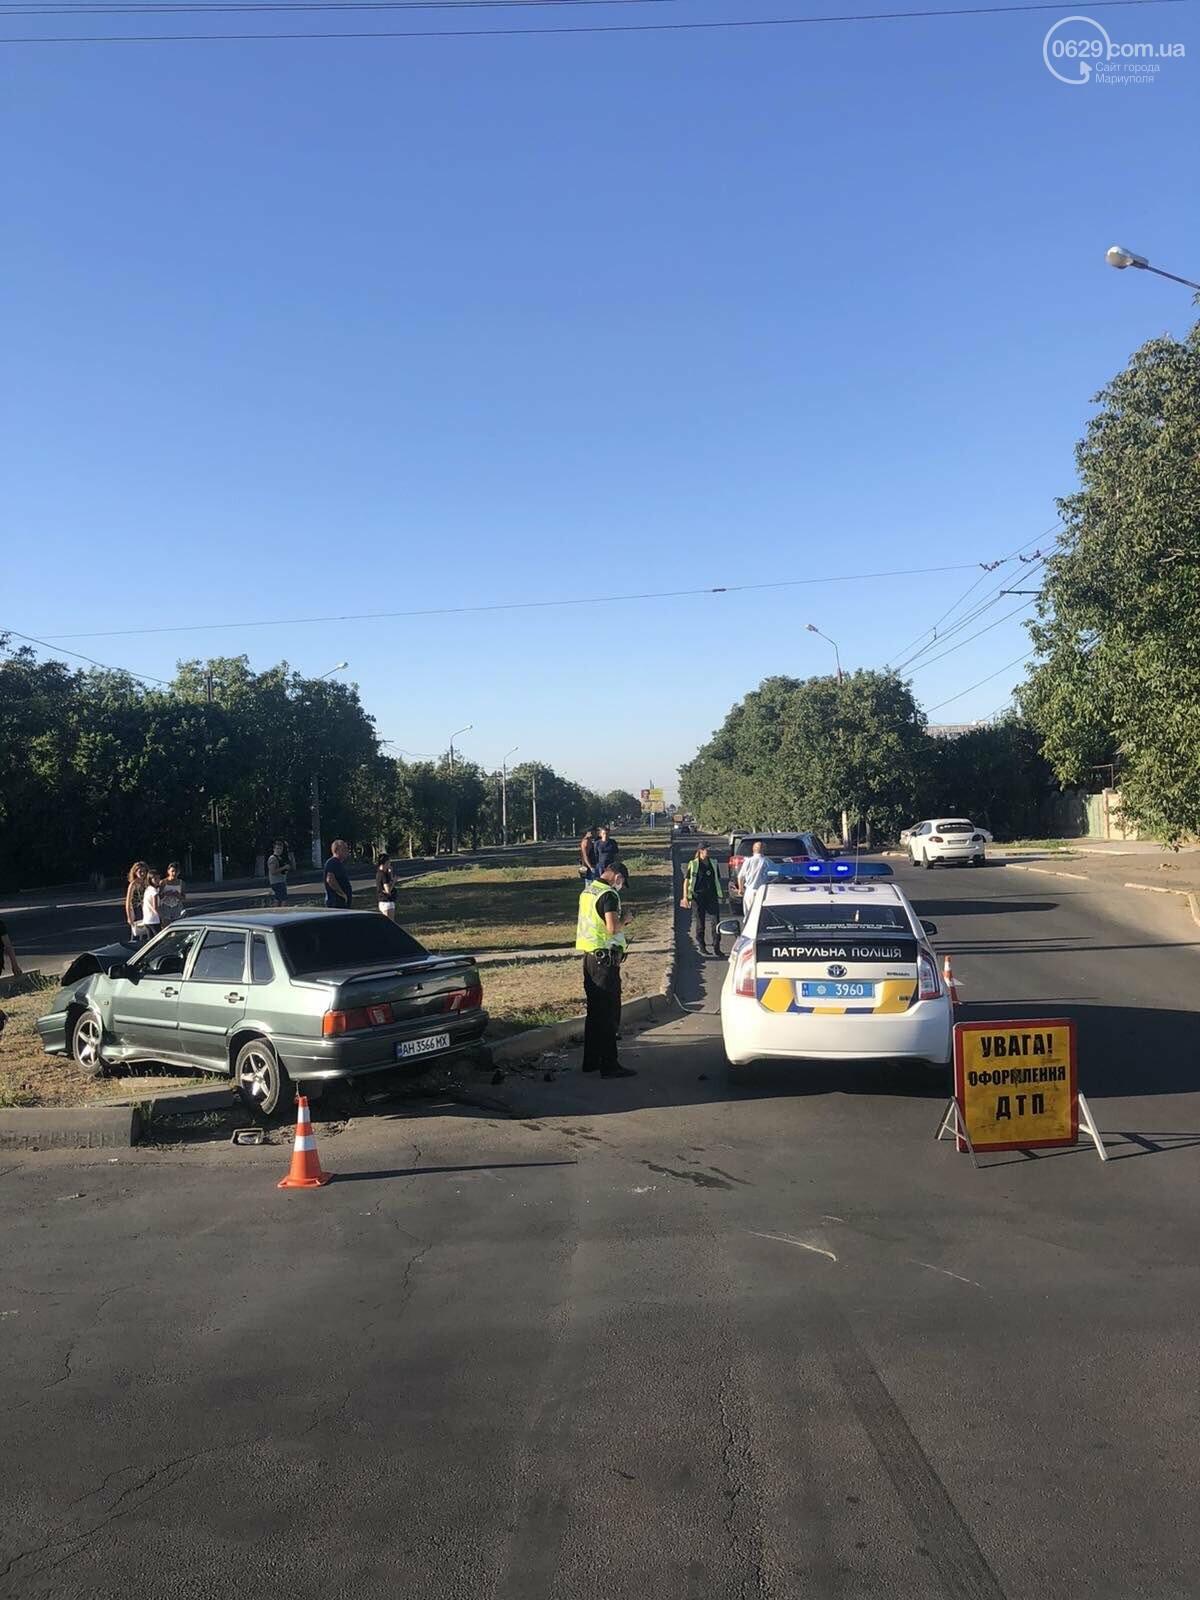 В Мариуполе на перекрестке столкнулись ВАЗ и Toyota. Пострадал 23-летний парень, - ФОТО, фото-1